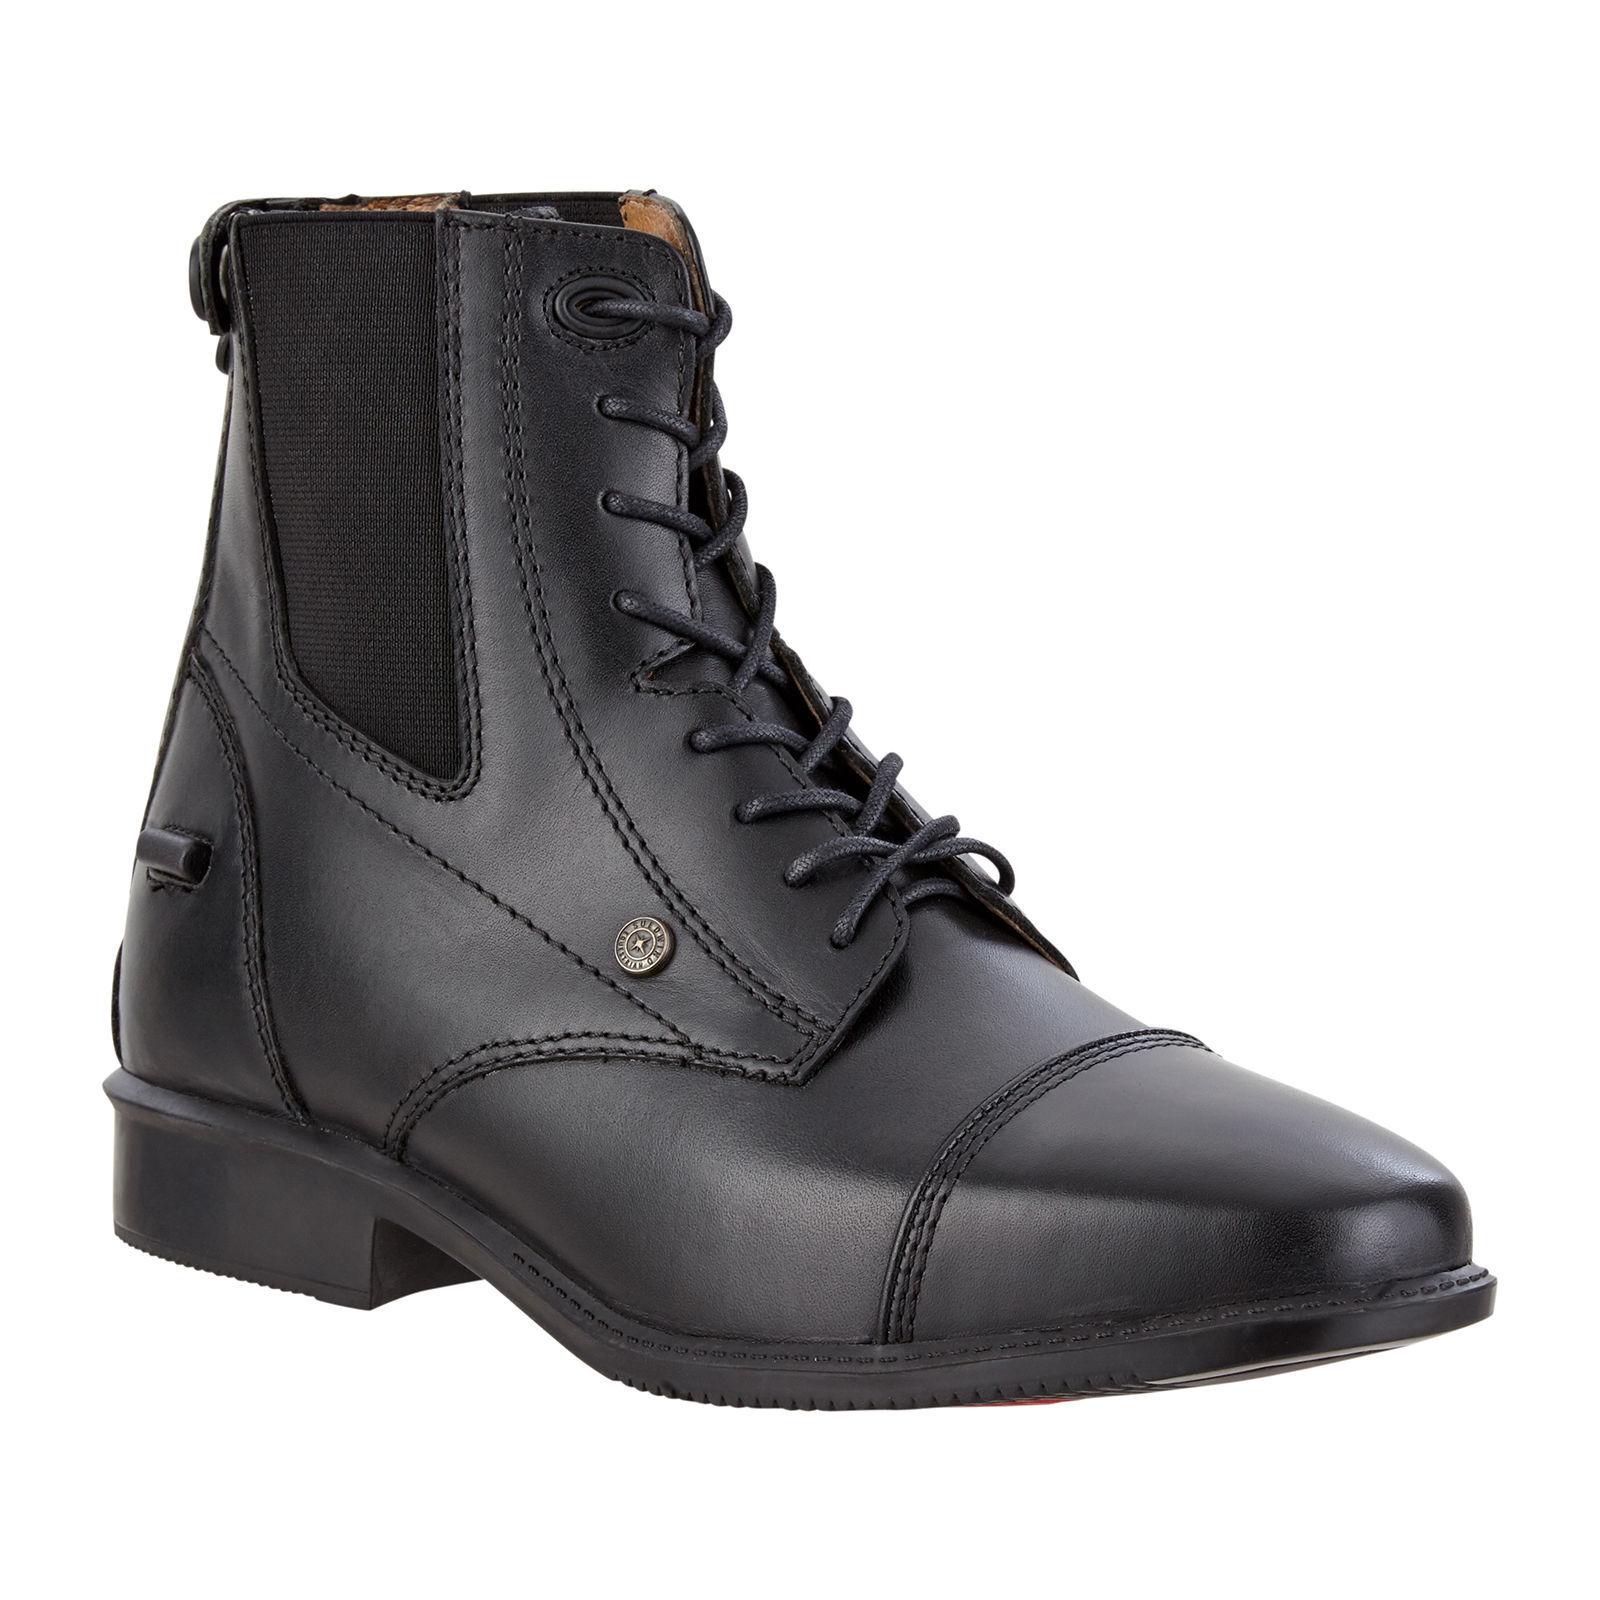 Suedwind Stivali Legacy BACK ZIP LACE NERO MONTALA stivali stivali di pelle premium